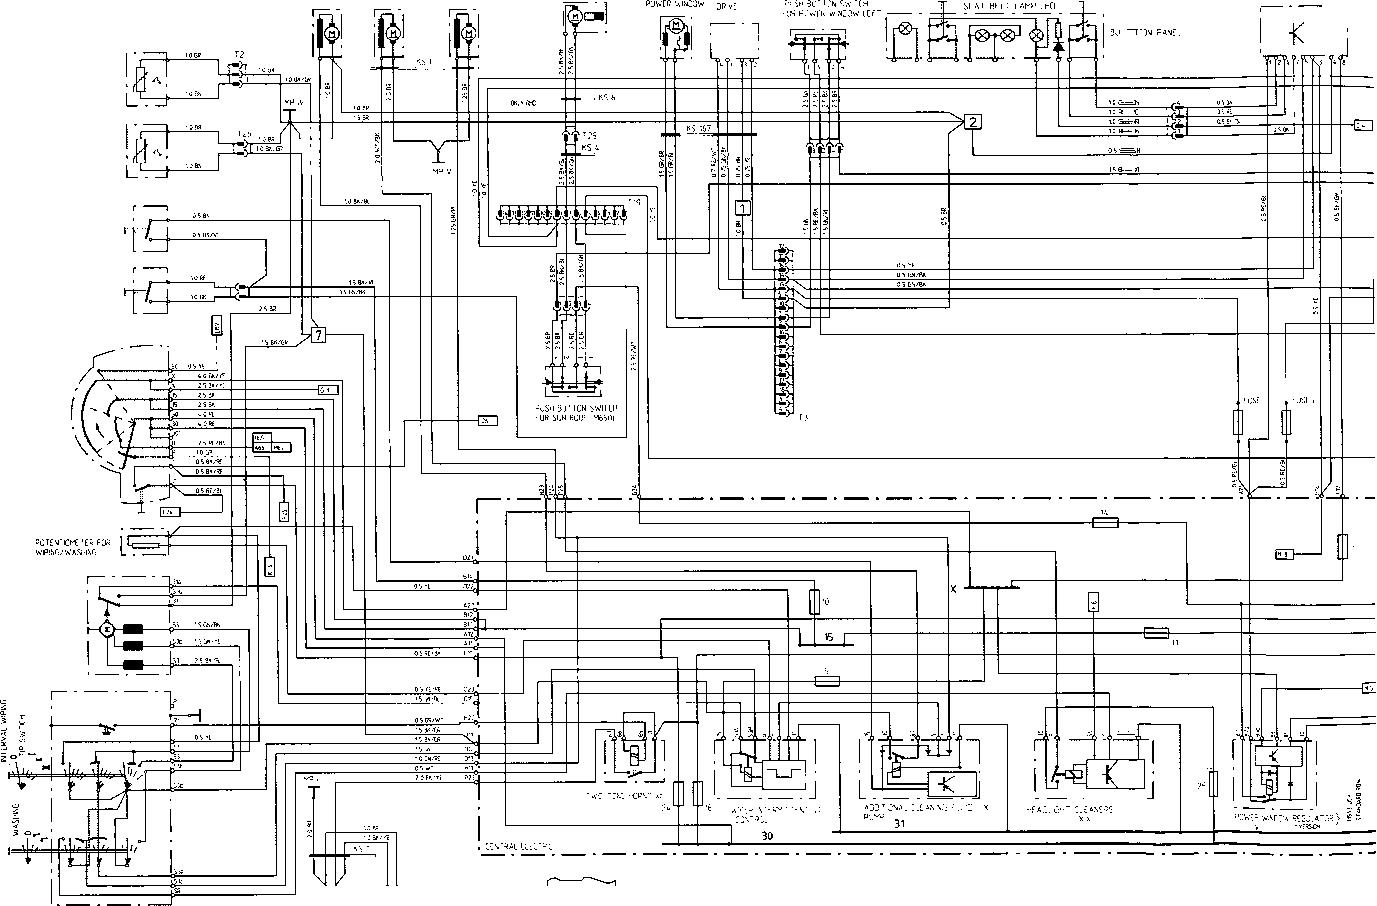 1977 porsche 924 fuse box diagram schematics online1979 porsche 924 wiring diagram